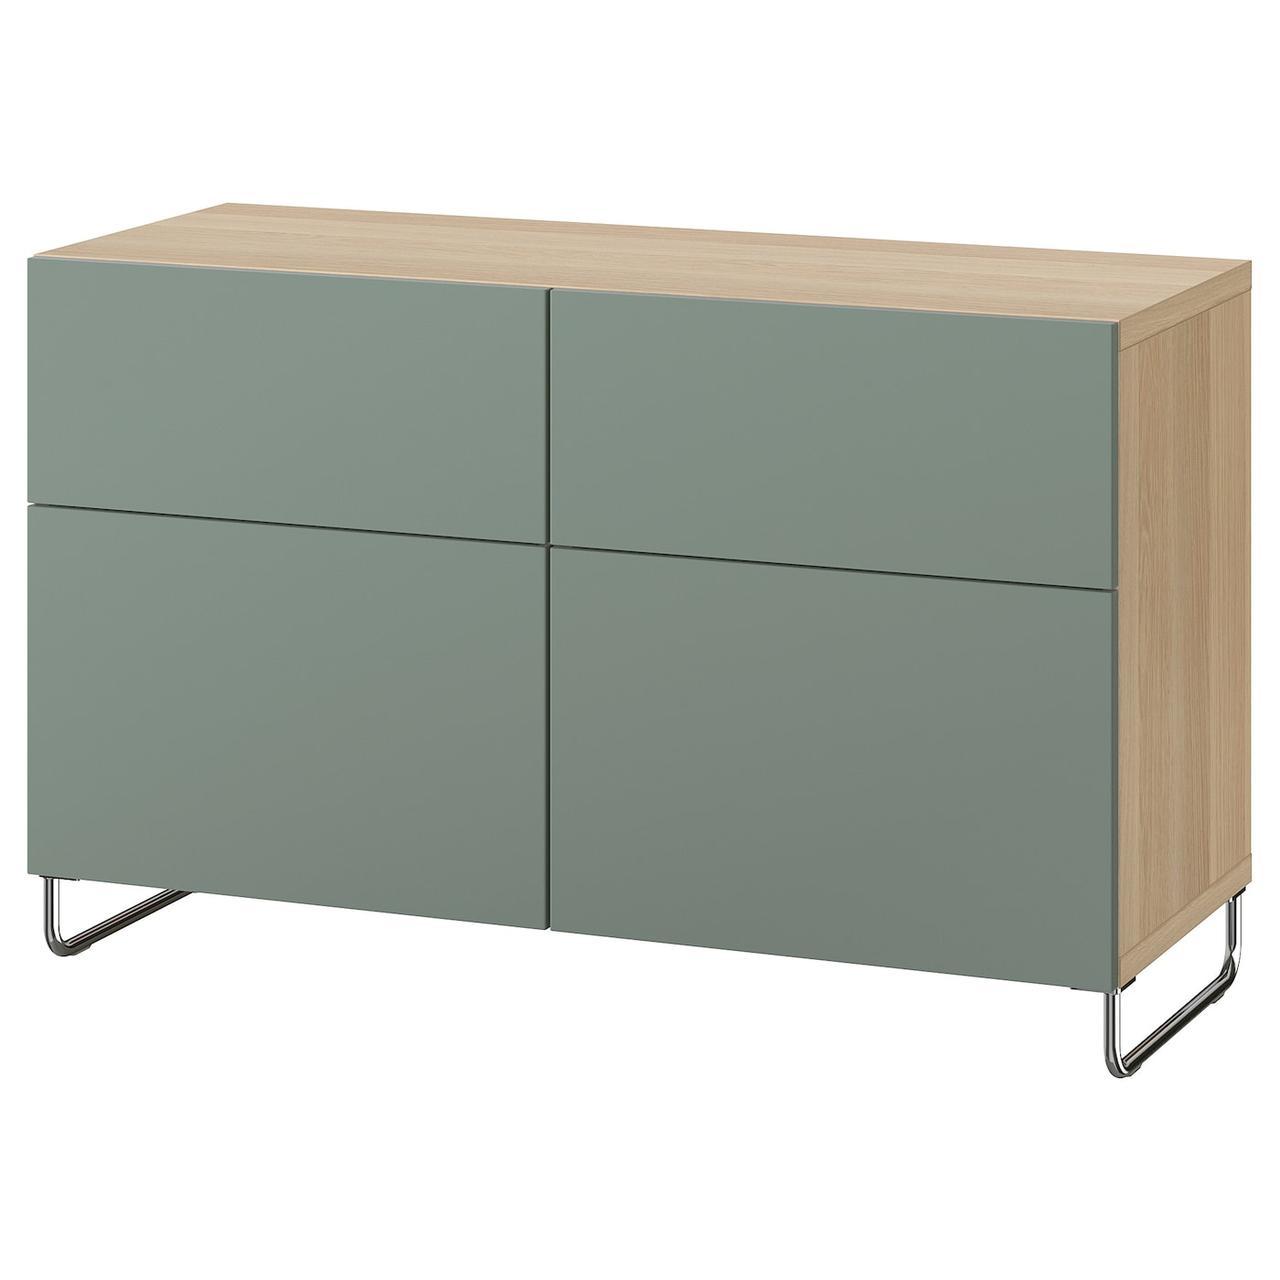 IKEA BESTA Тумба под телевизор 120x42x74 cm (893.019.81), фото 1